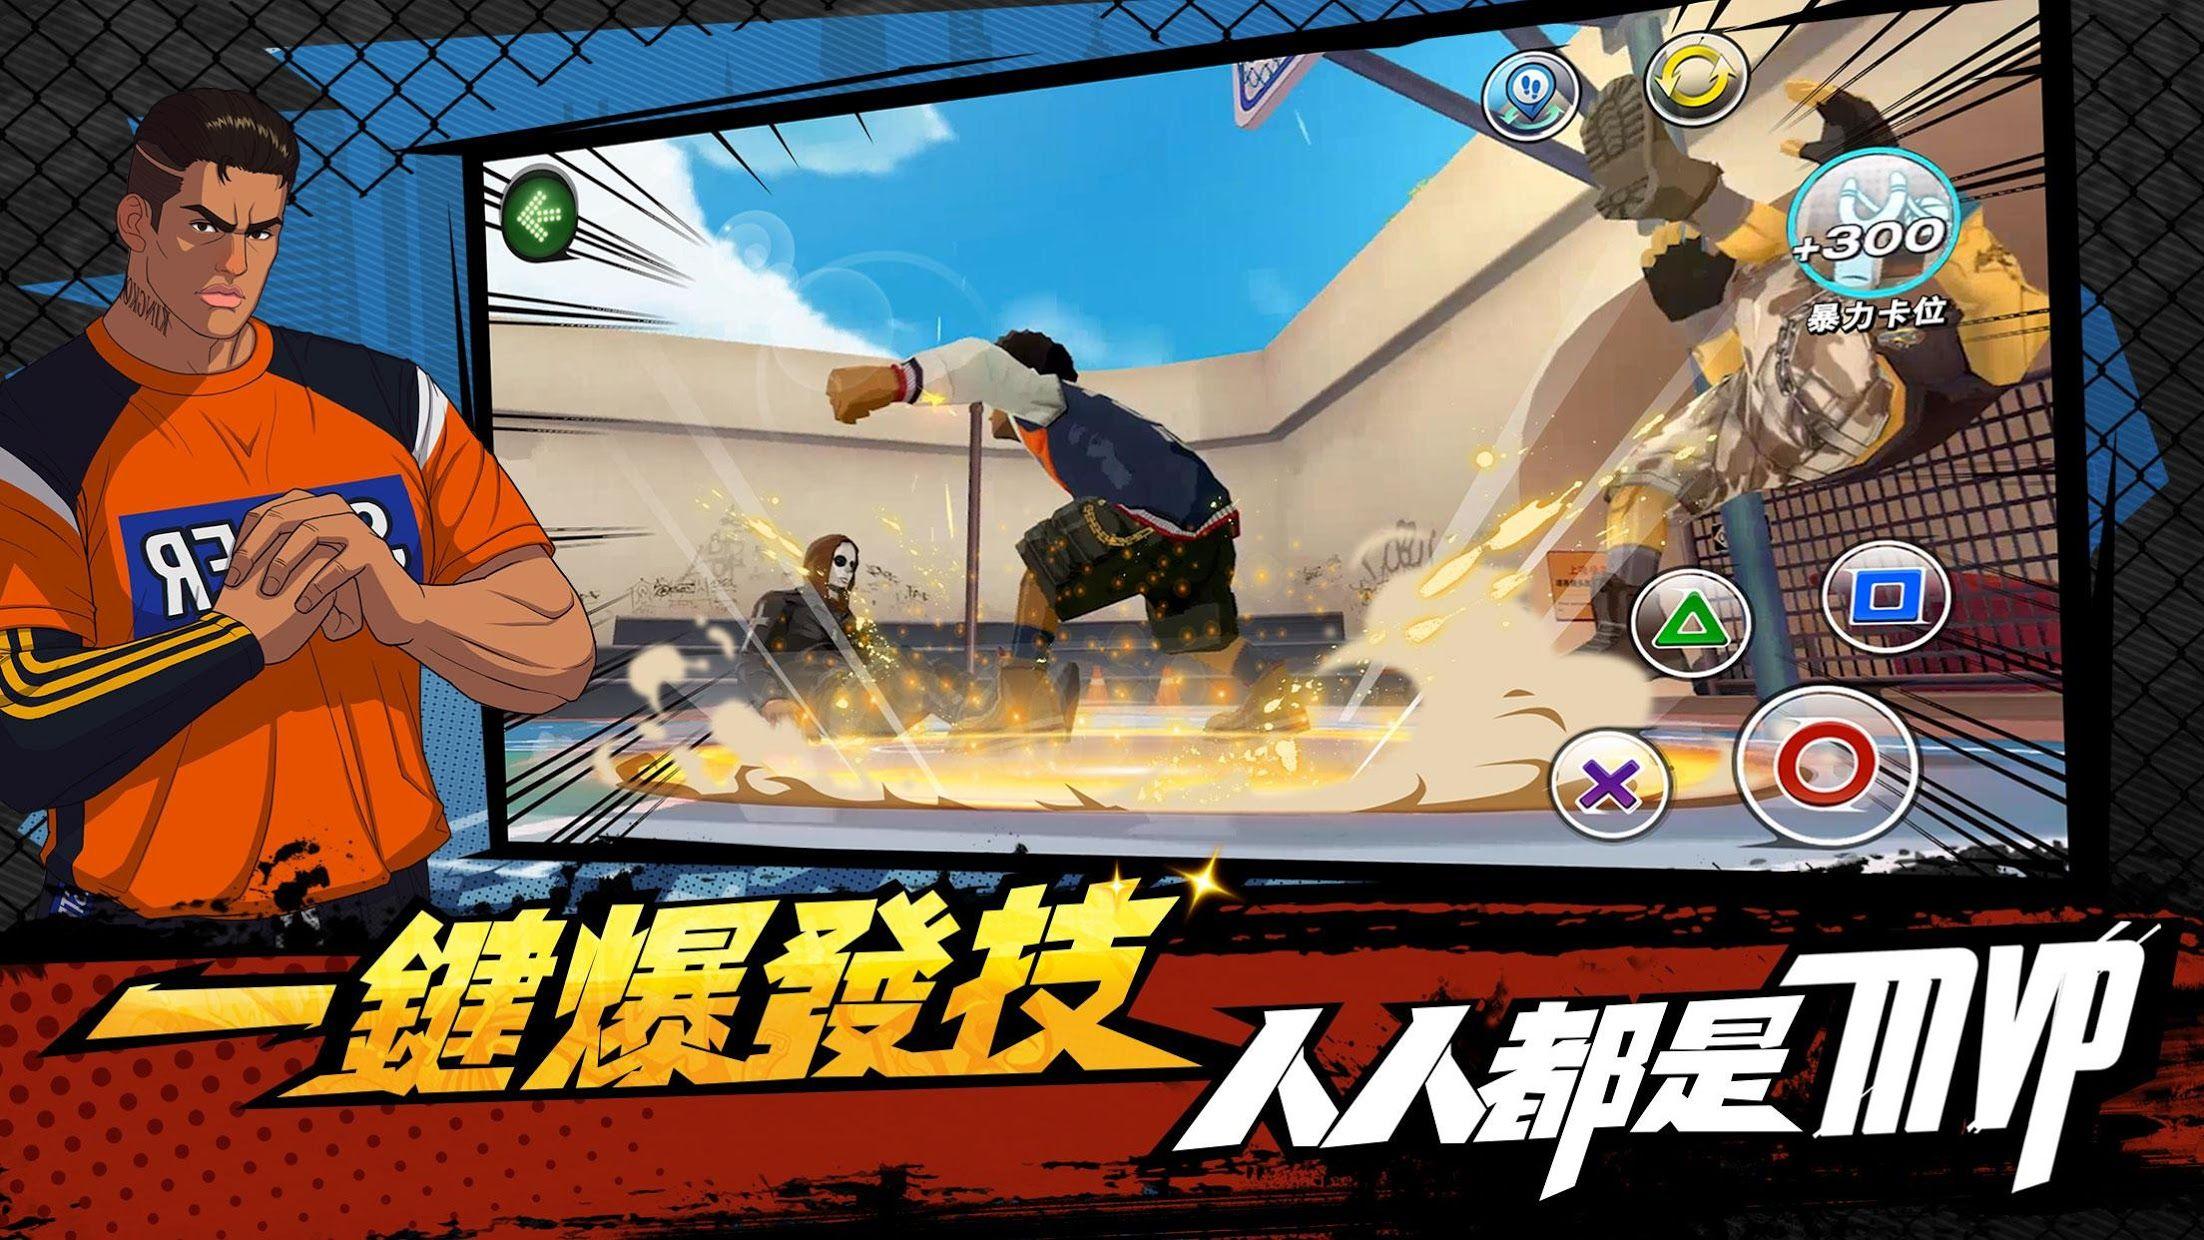 斗牛高手—3V3街篮玩法手游 游戏截图4